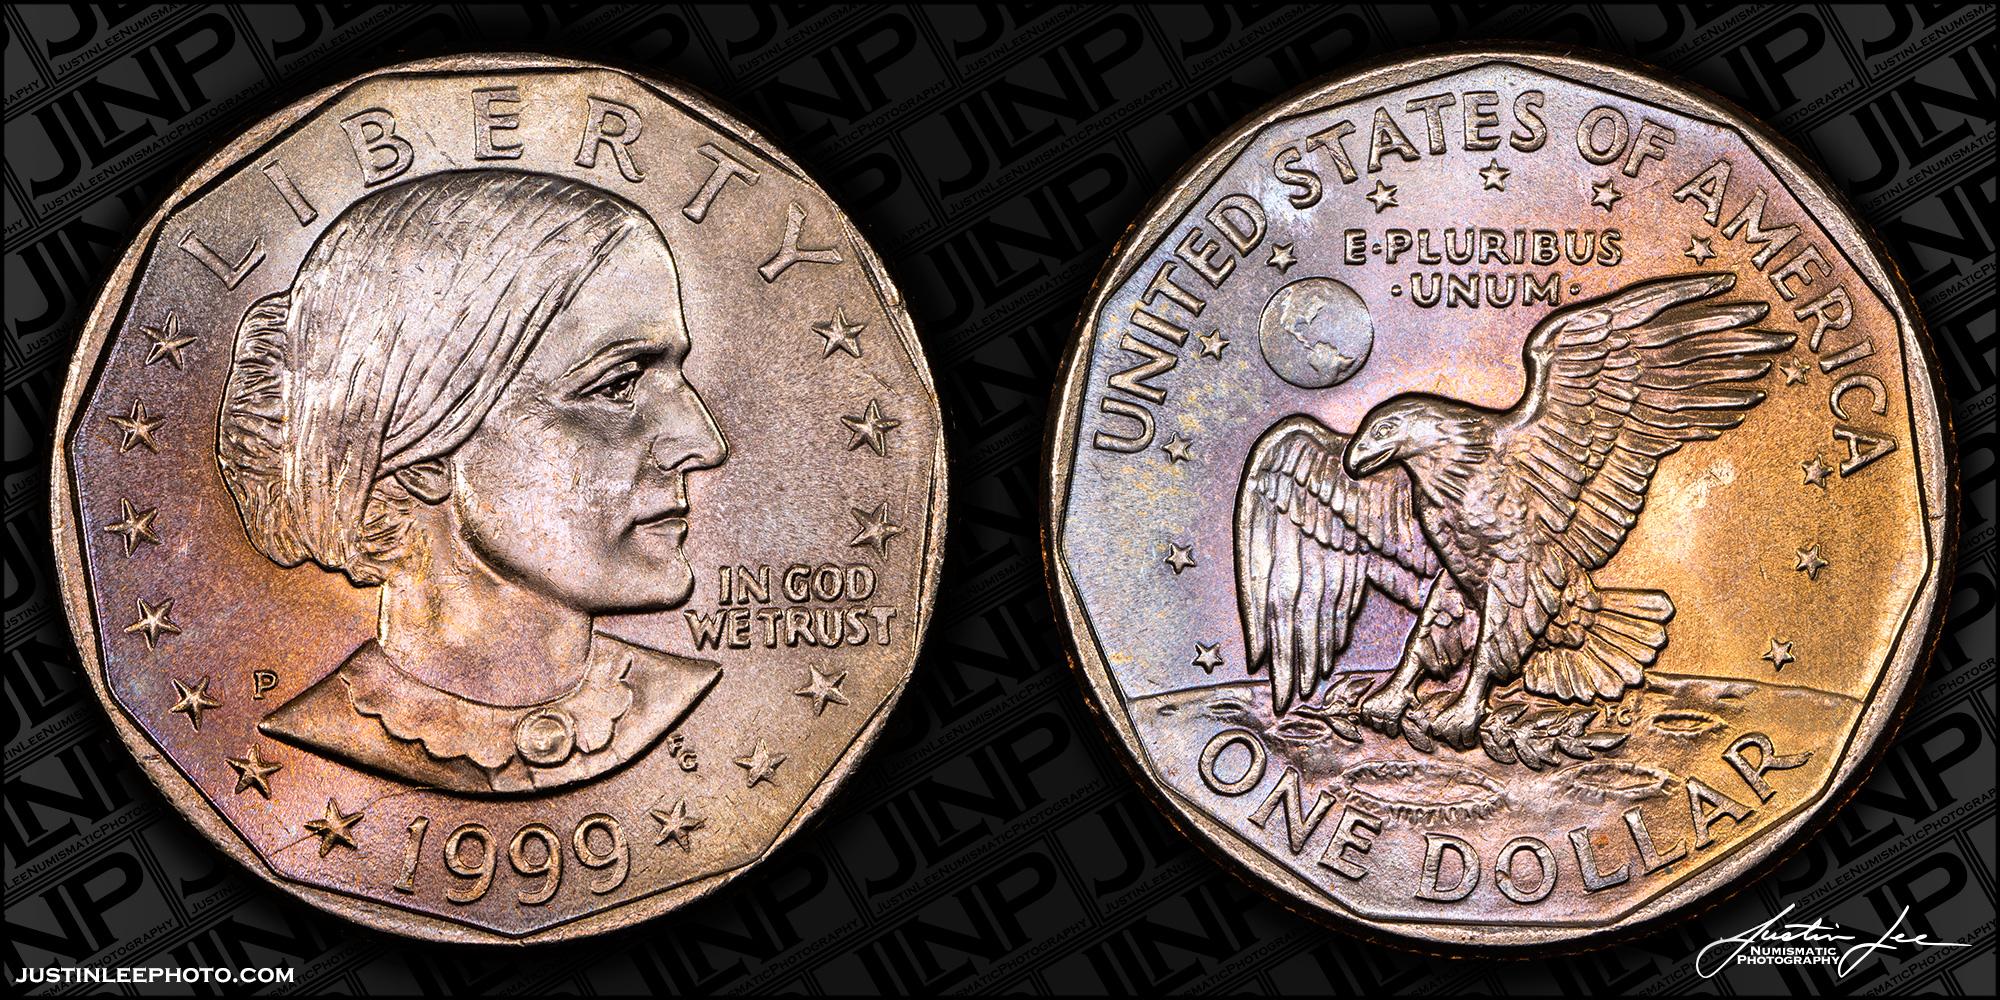 1999 Susan B. Anthony Dollar Raw